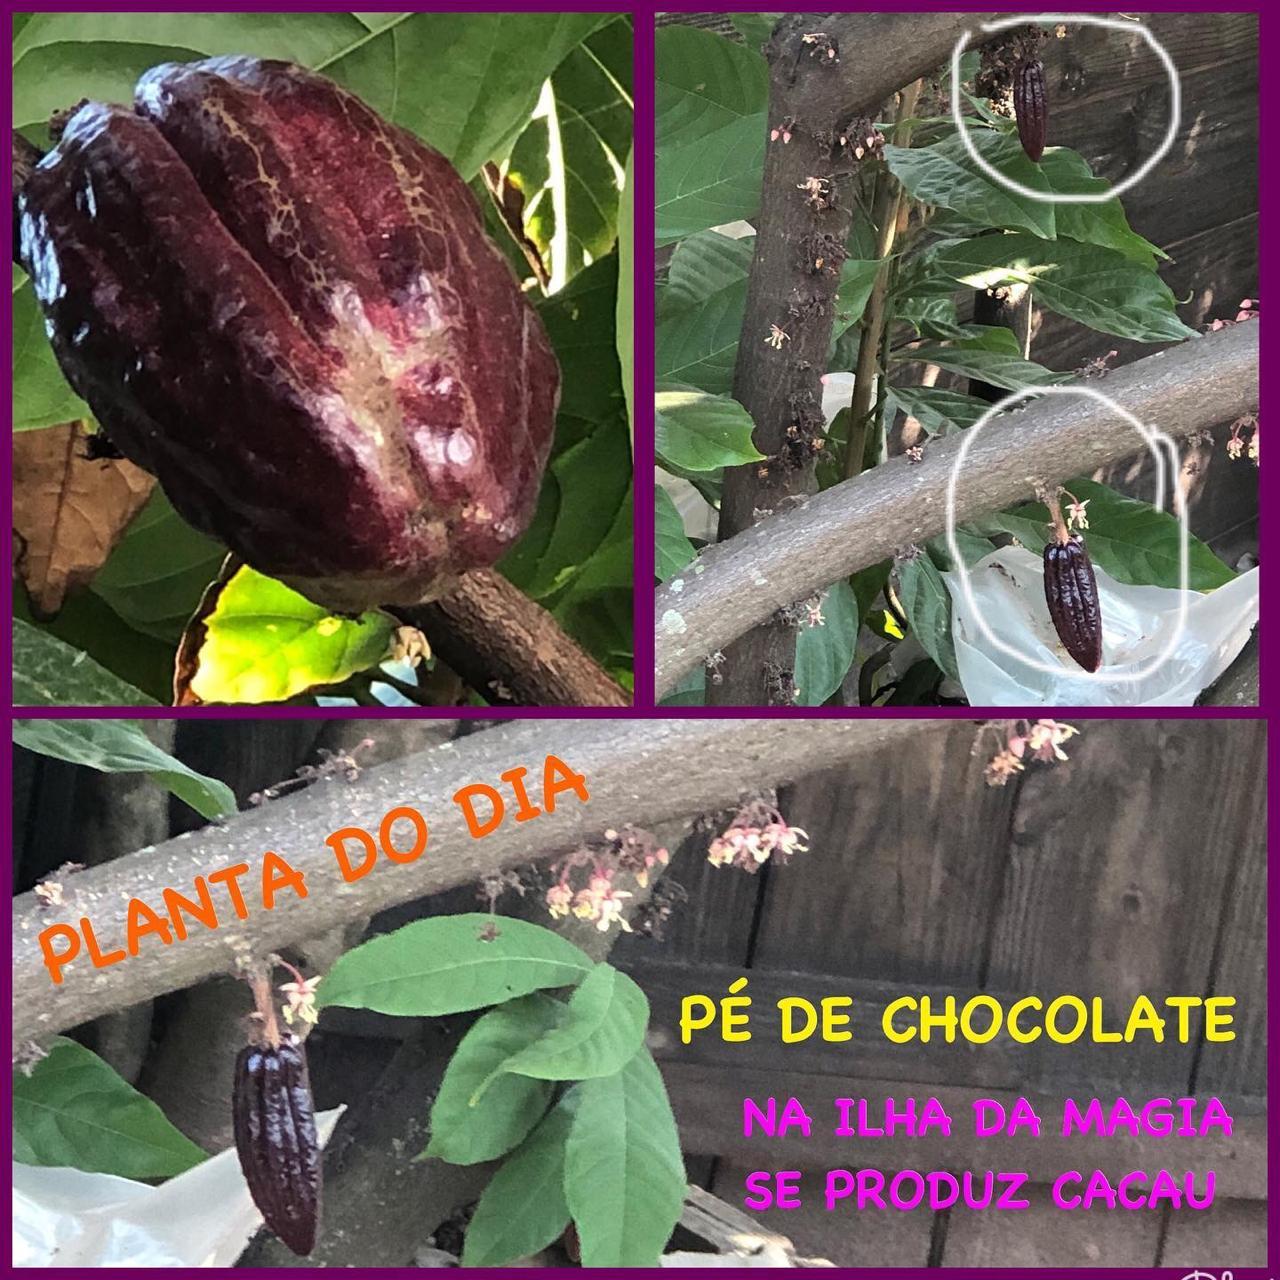 Pé de chocolate